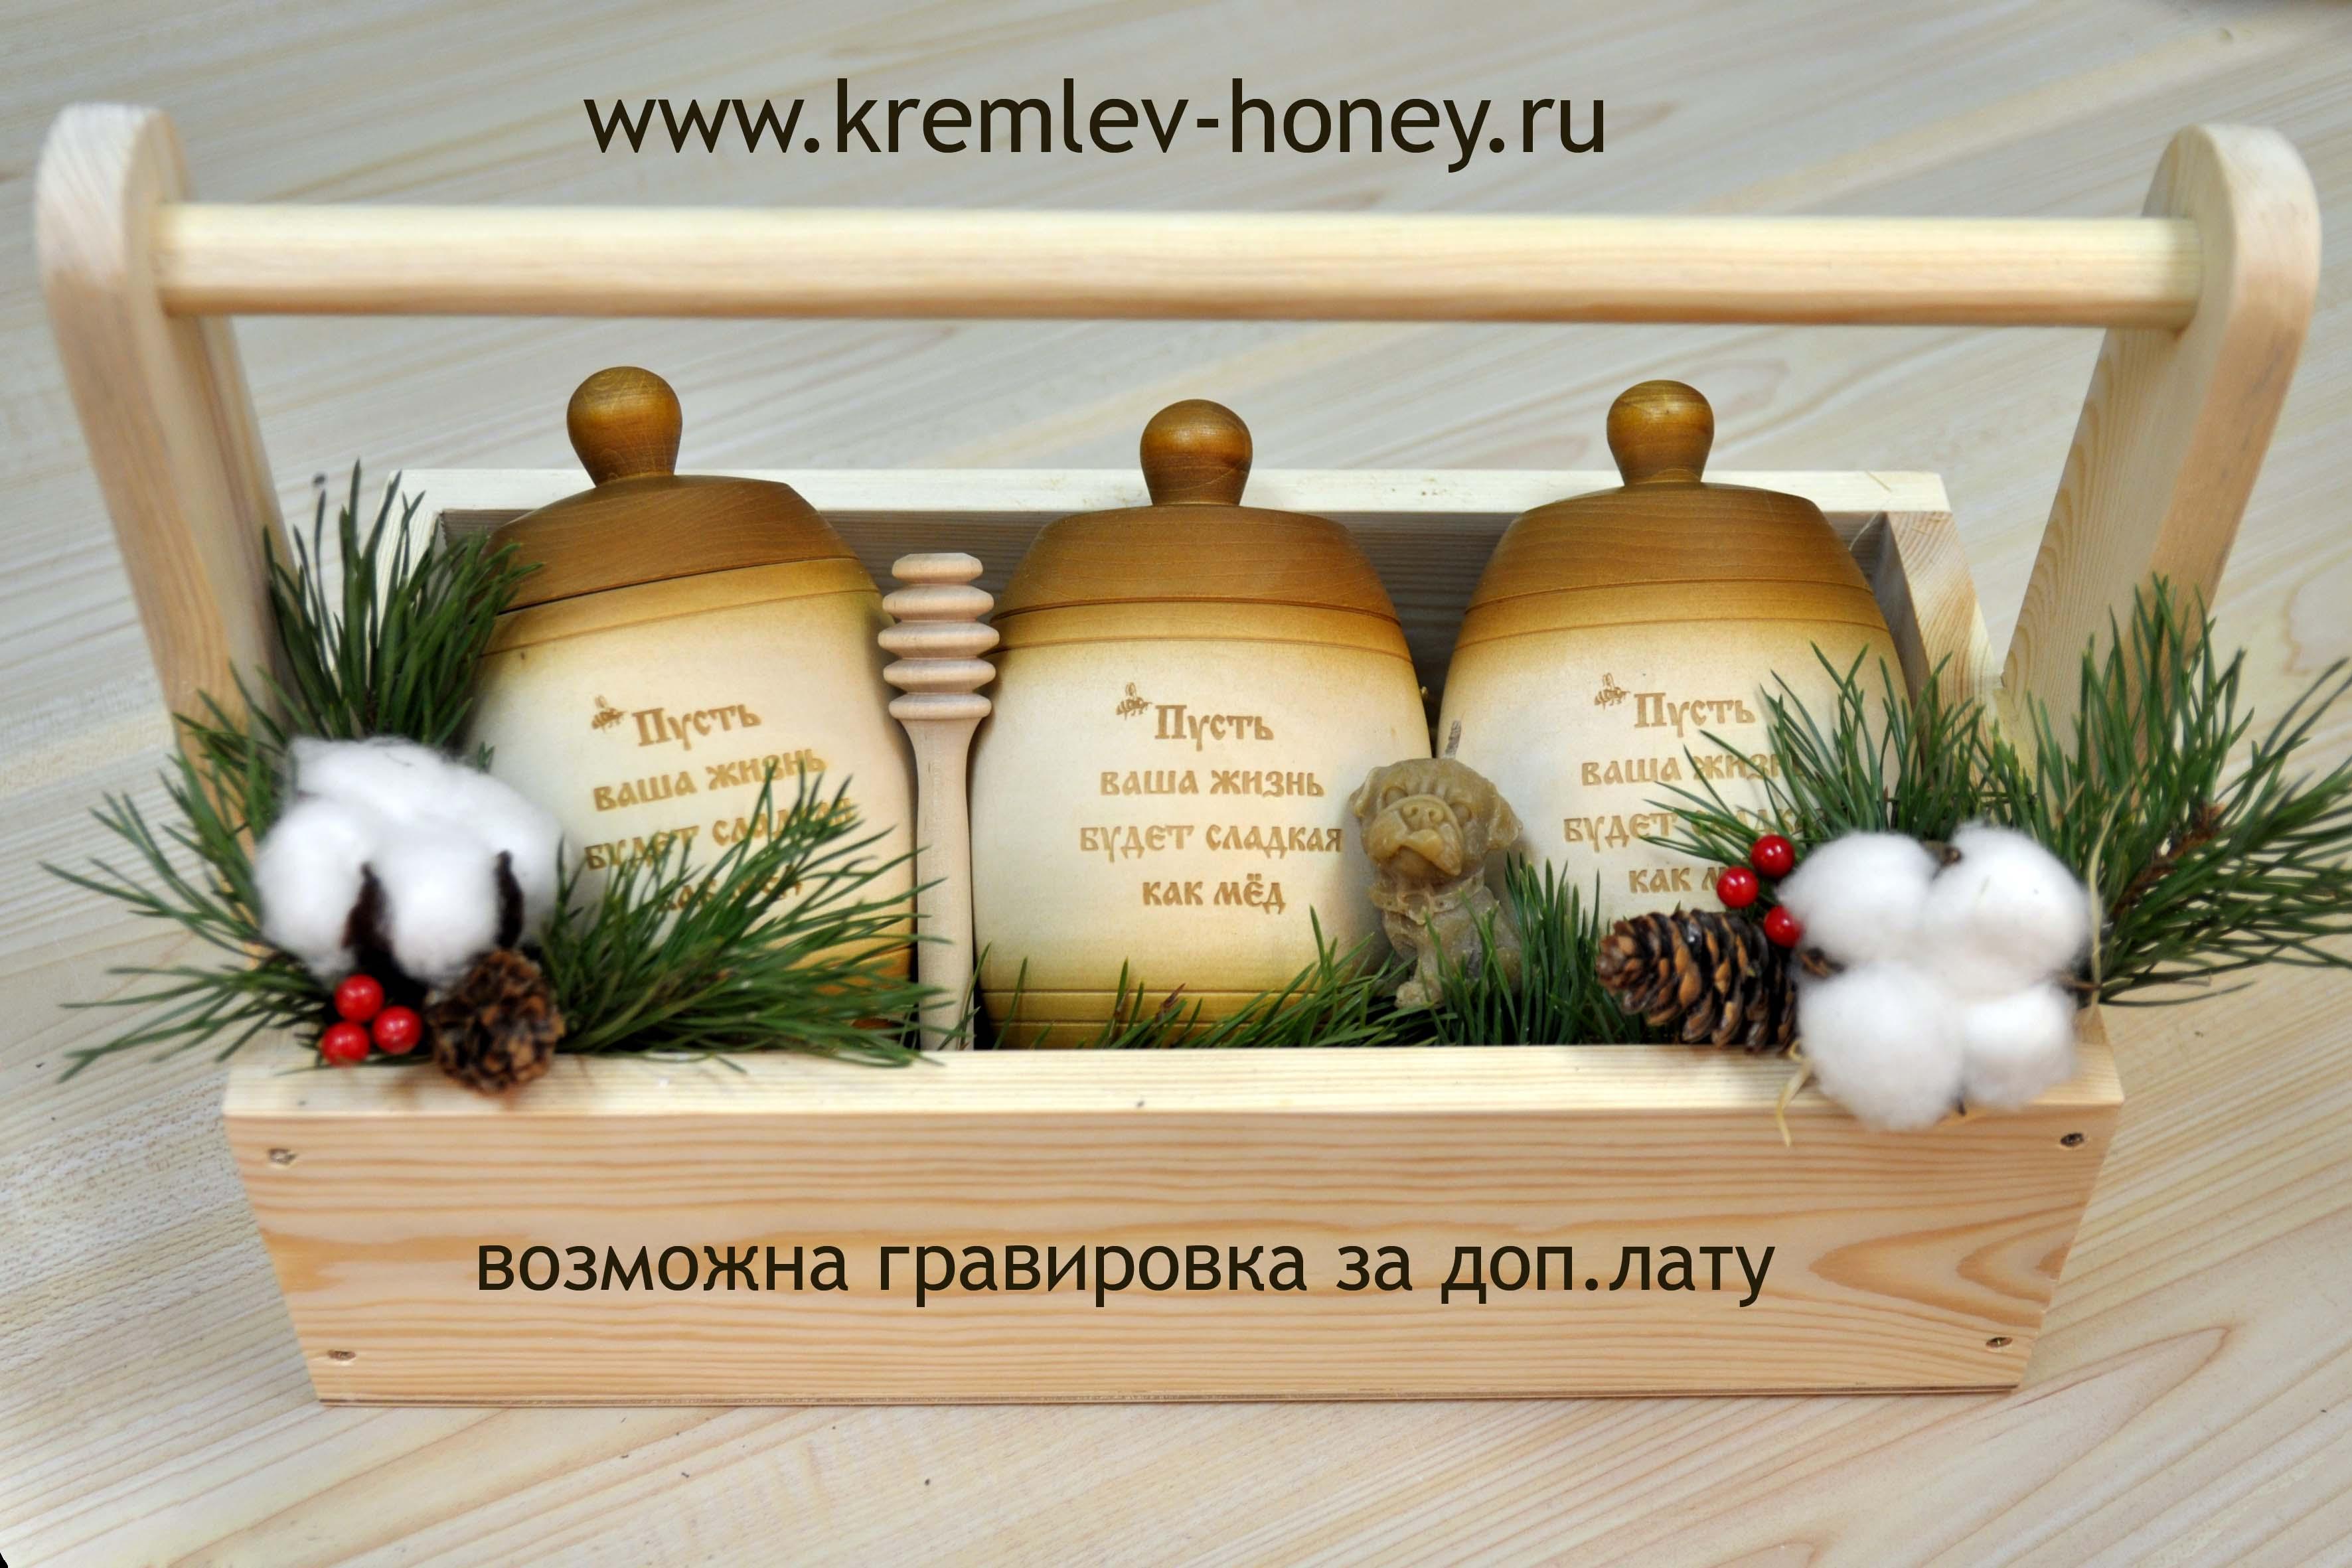 Набор меда в подарок екатеринбург 51